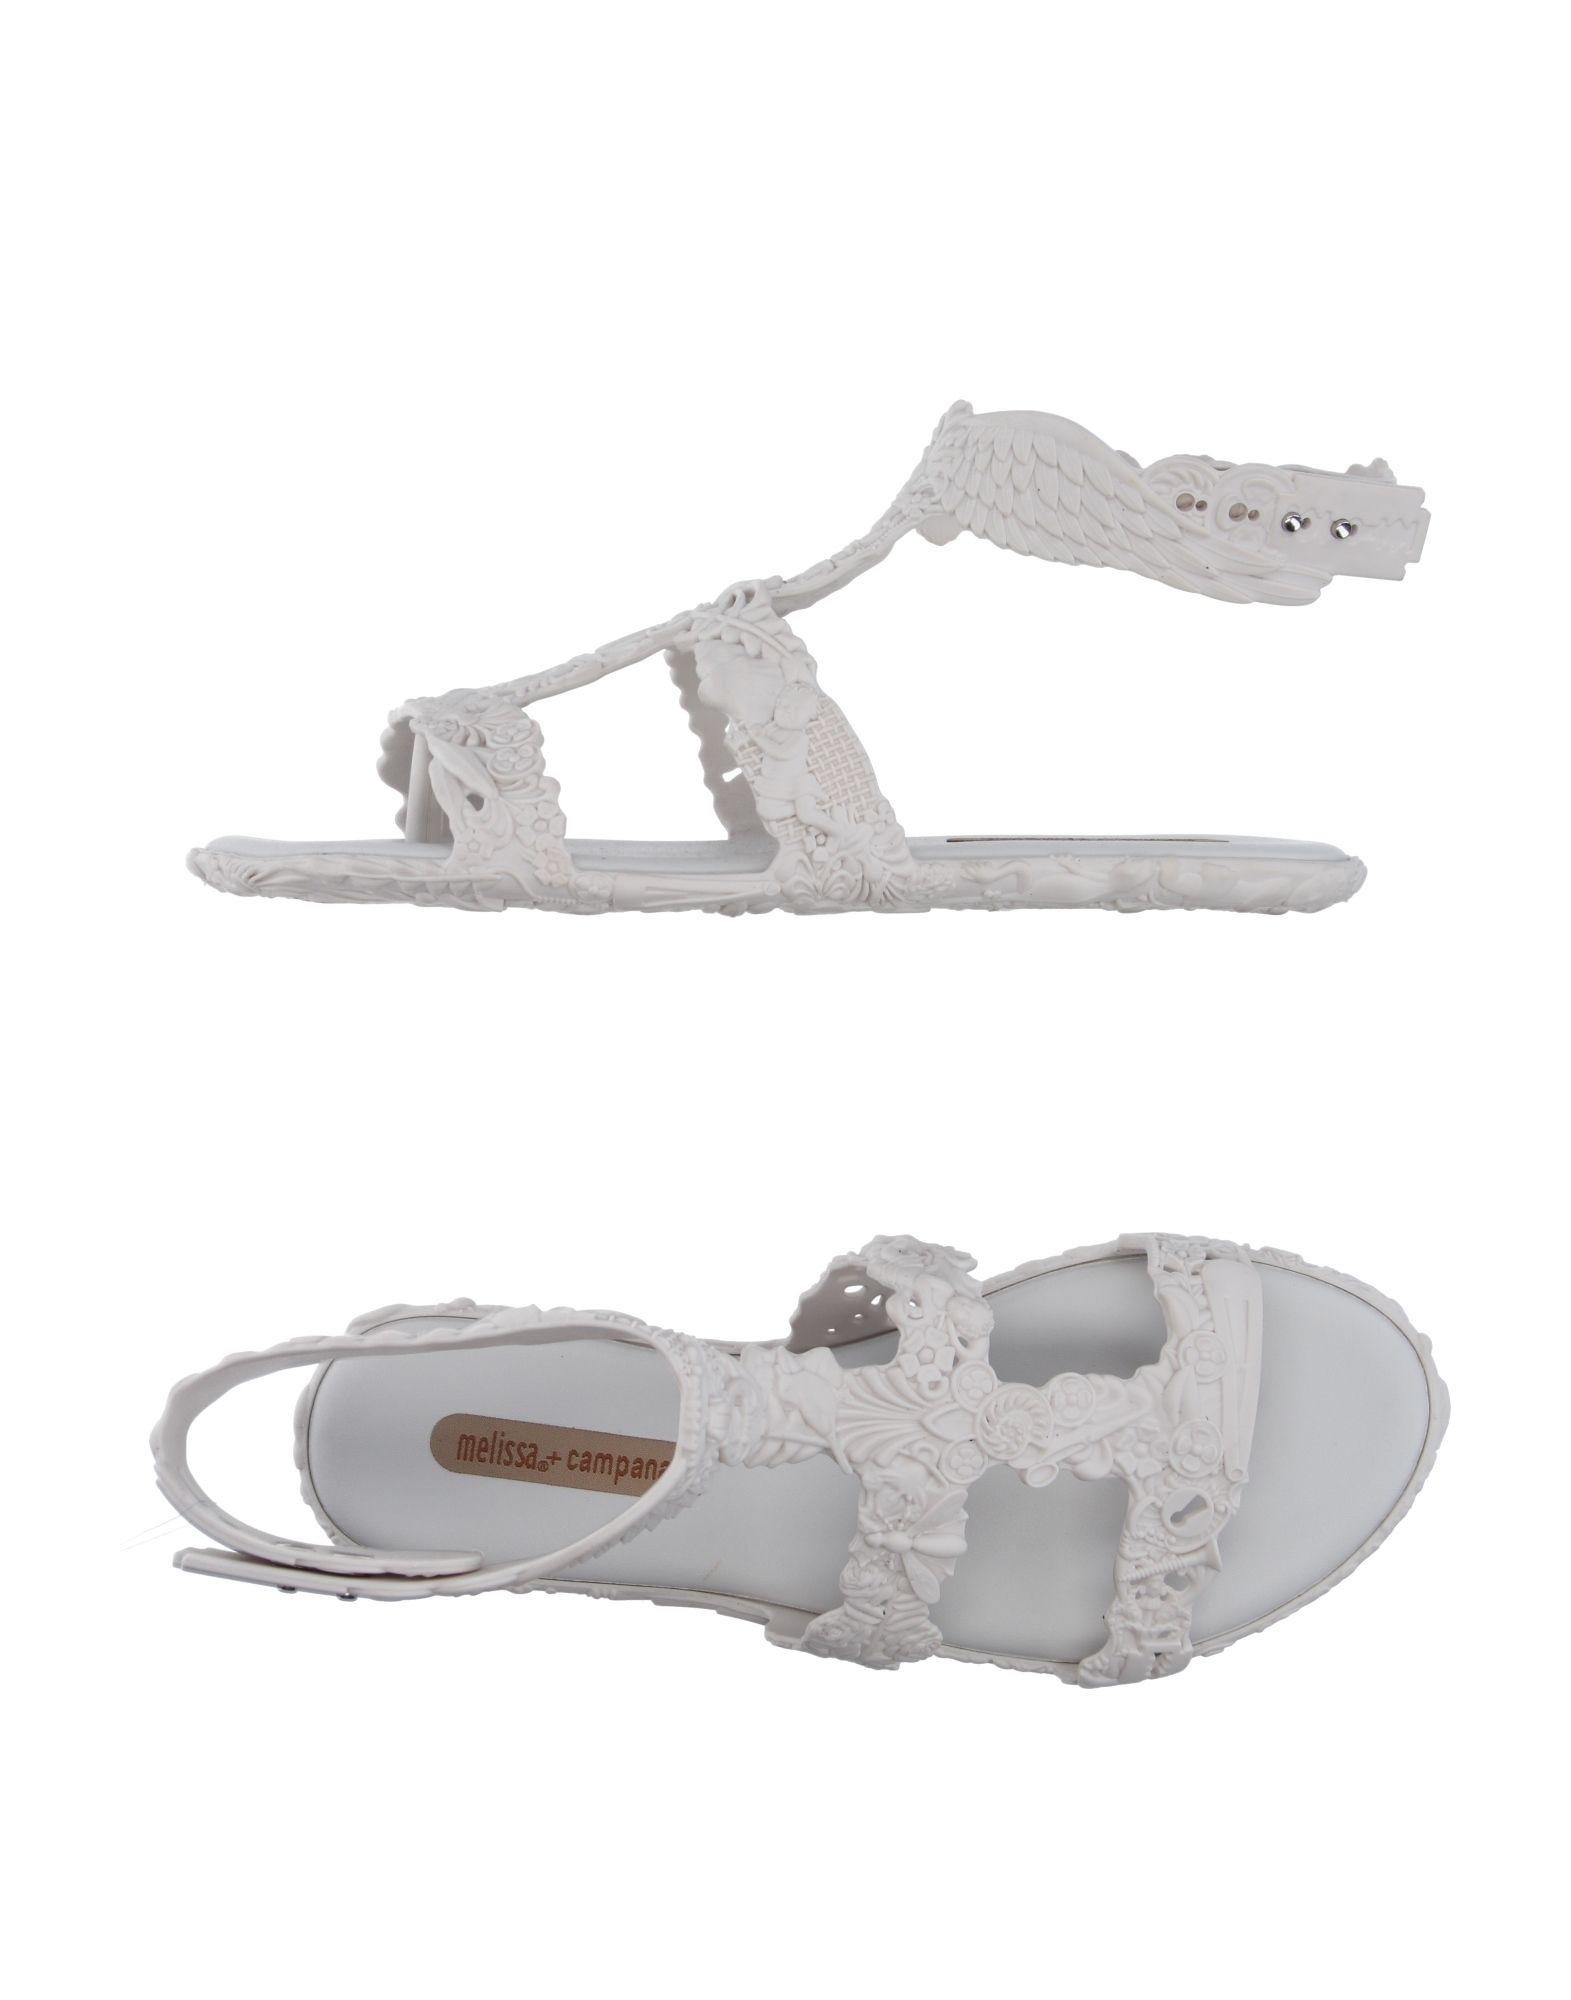 MELISSA + CAMPANA Damen Zehentrenner Farbe Weiß Größe 3